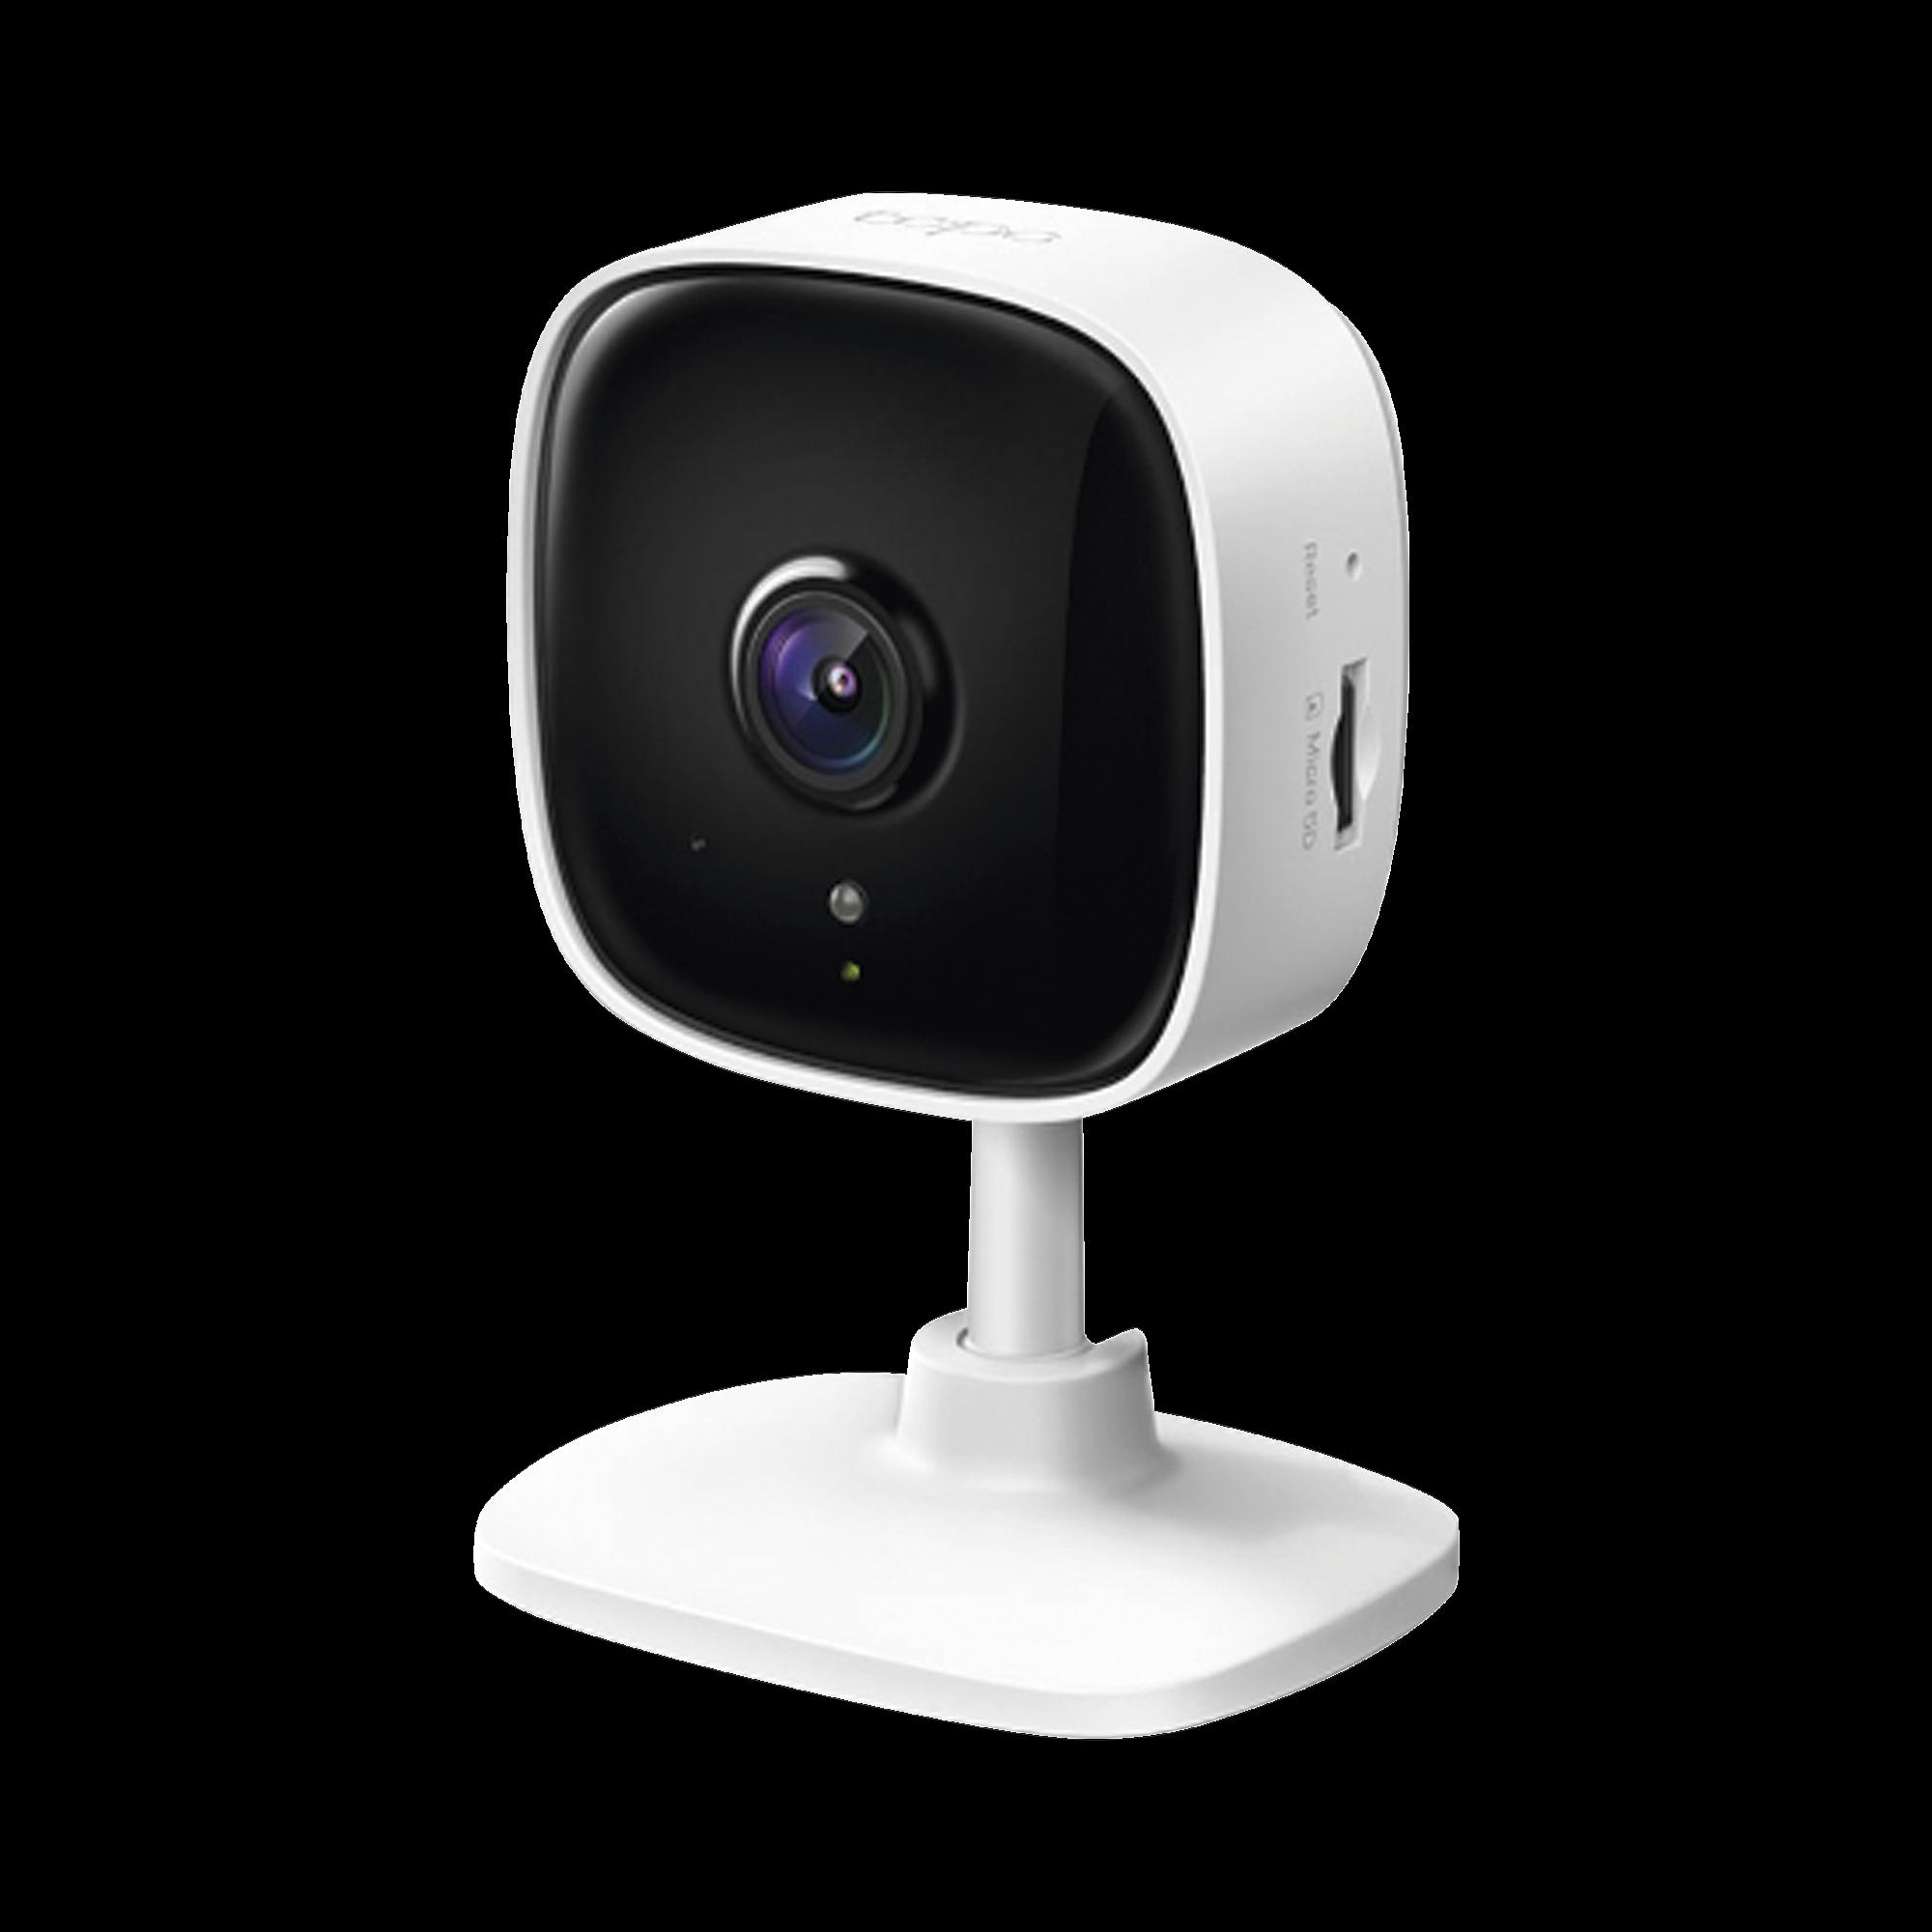 Cámara IP Wi-Fi para hogar, 2 megapixel, audio doble vía, visión nocturna, notificación Push, acepta memoria Micro SD de para grabación.